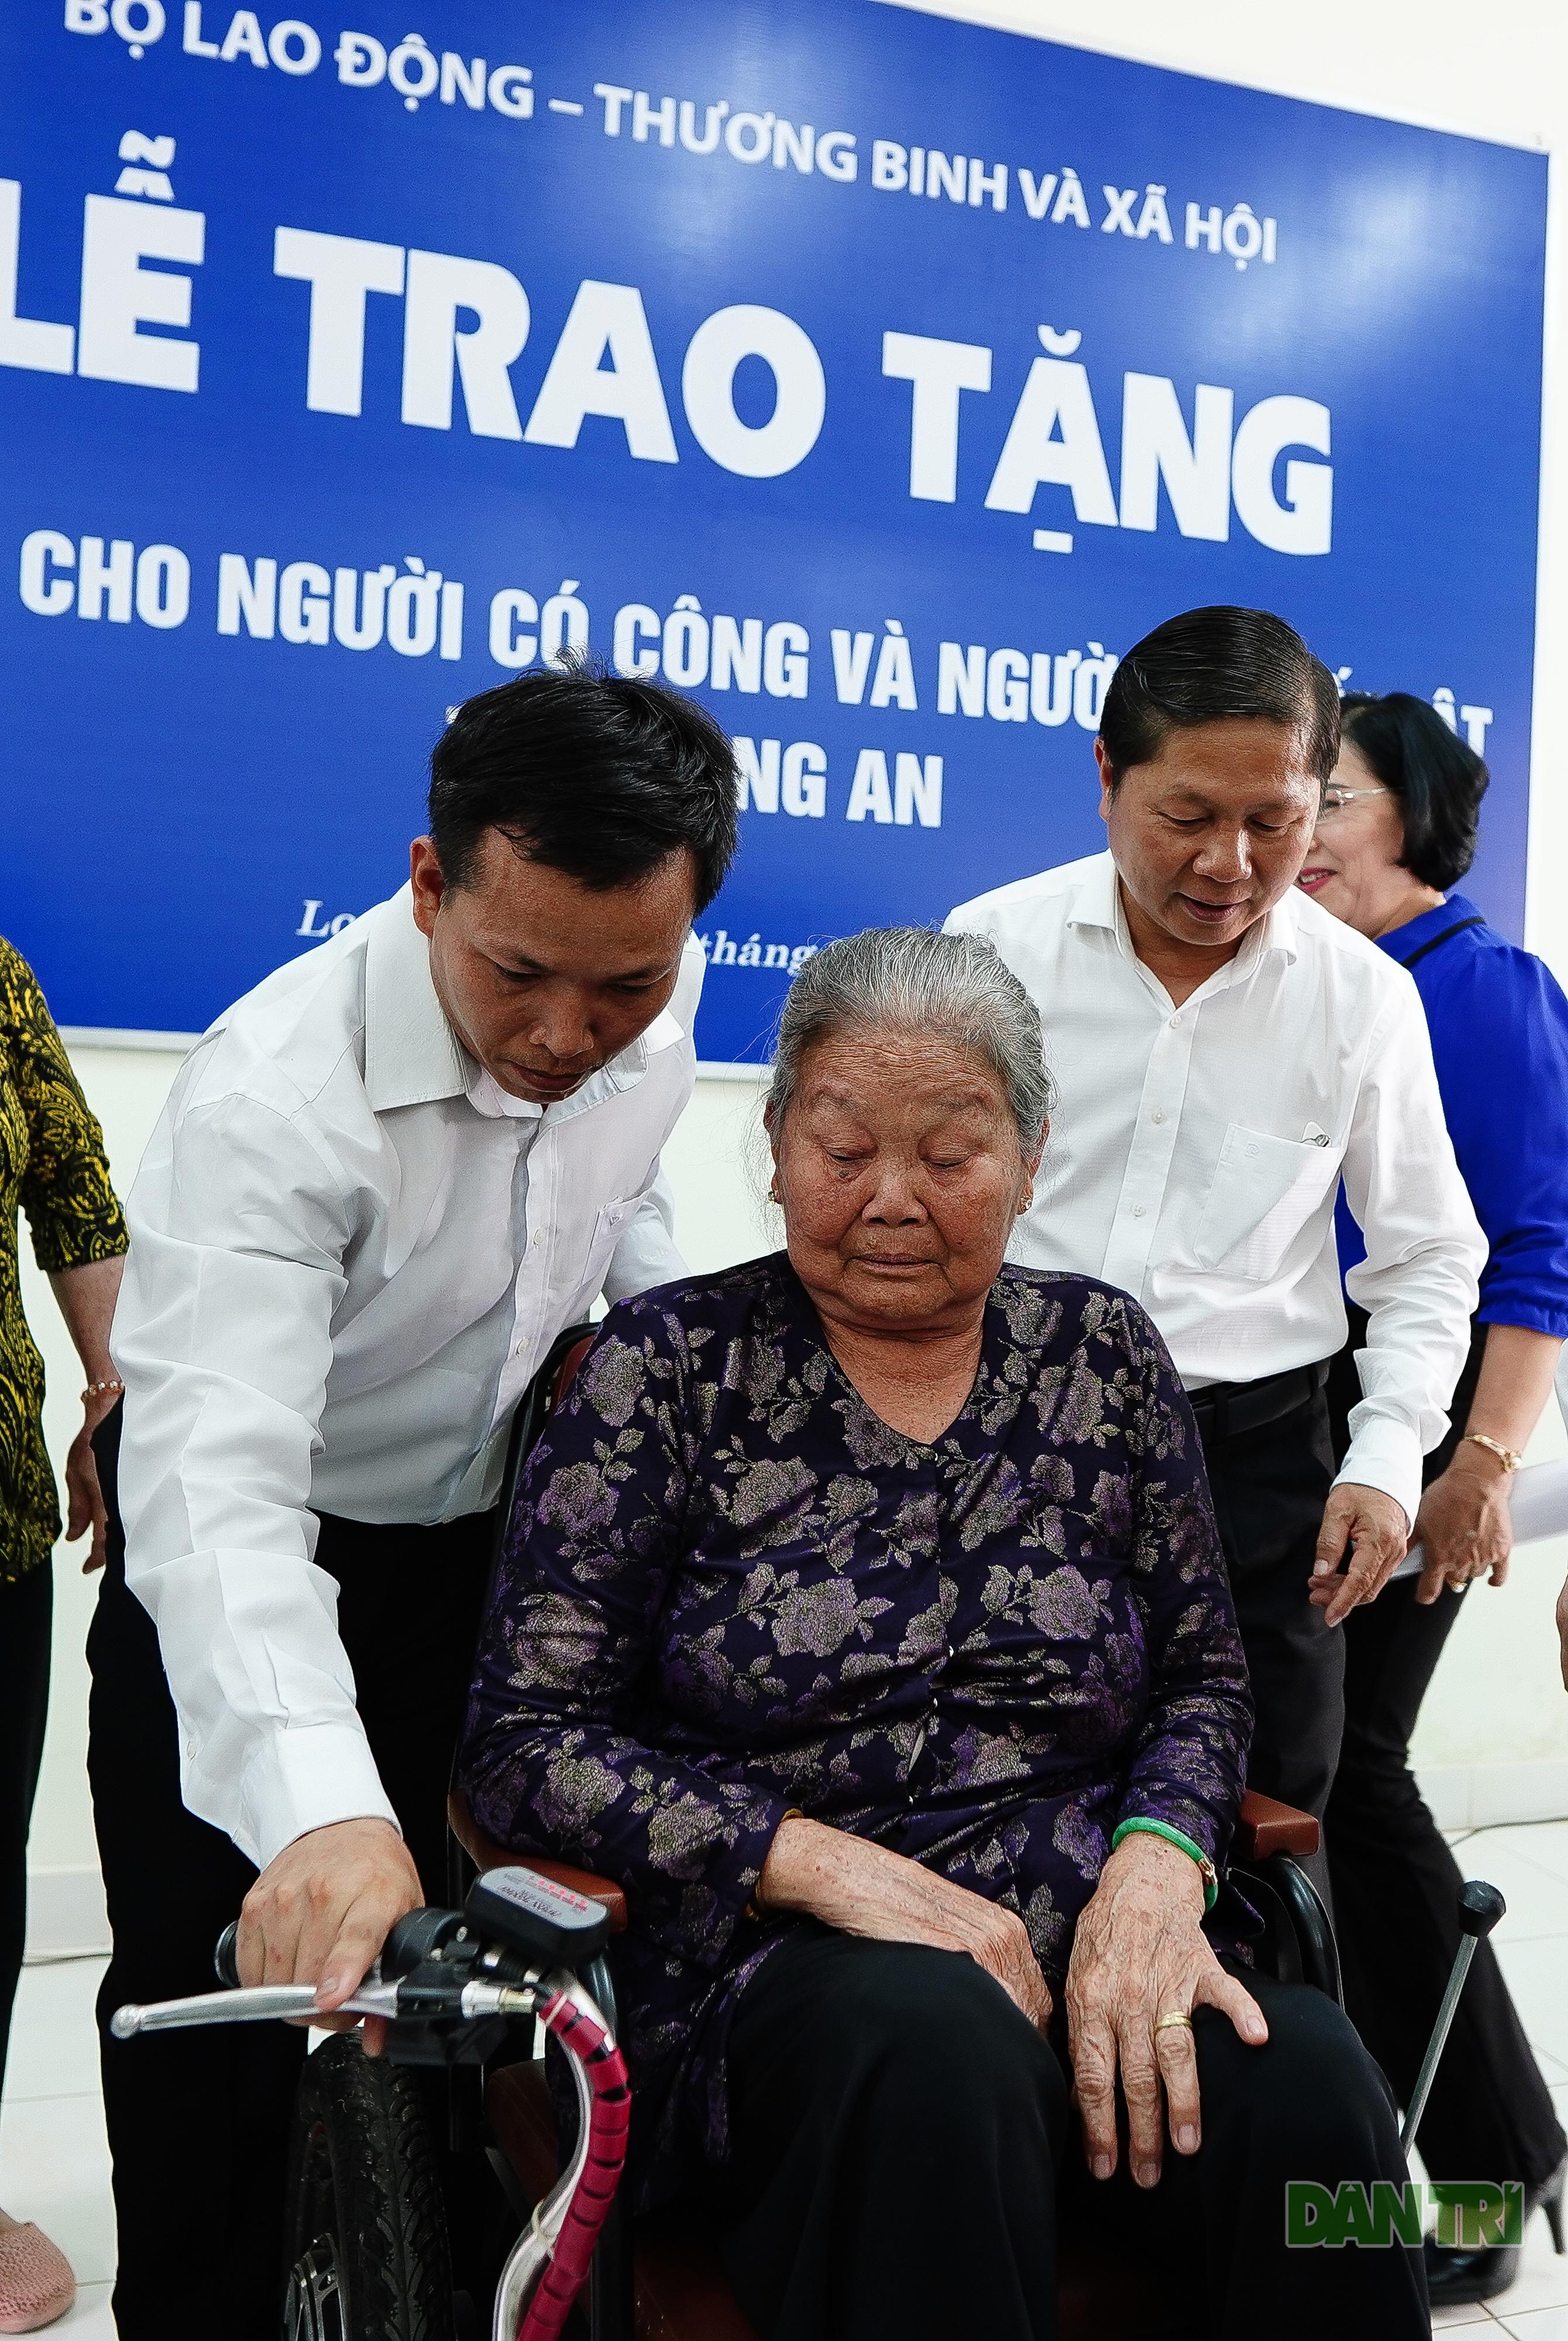 Gần 140.000 người dân Trà Vinh được nhận hỗ trợ từ gói 62.000 tỷ đồng - 8